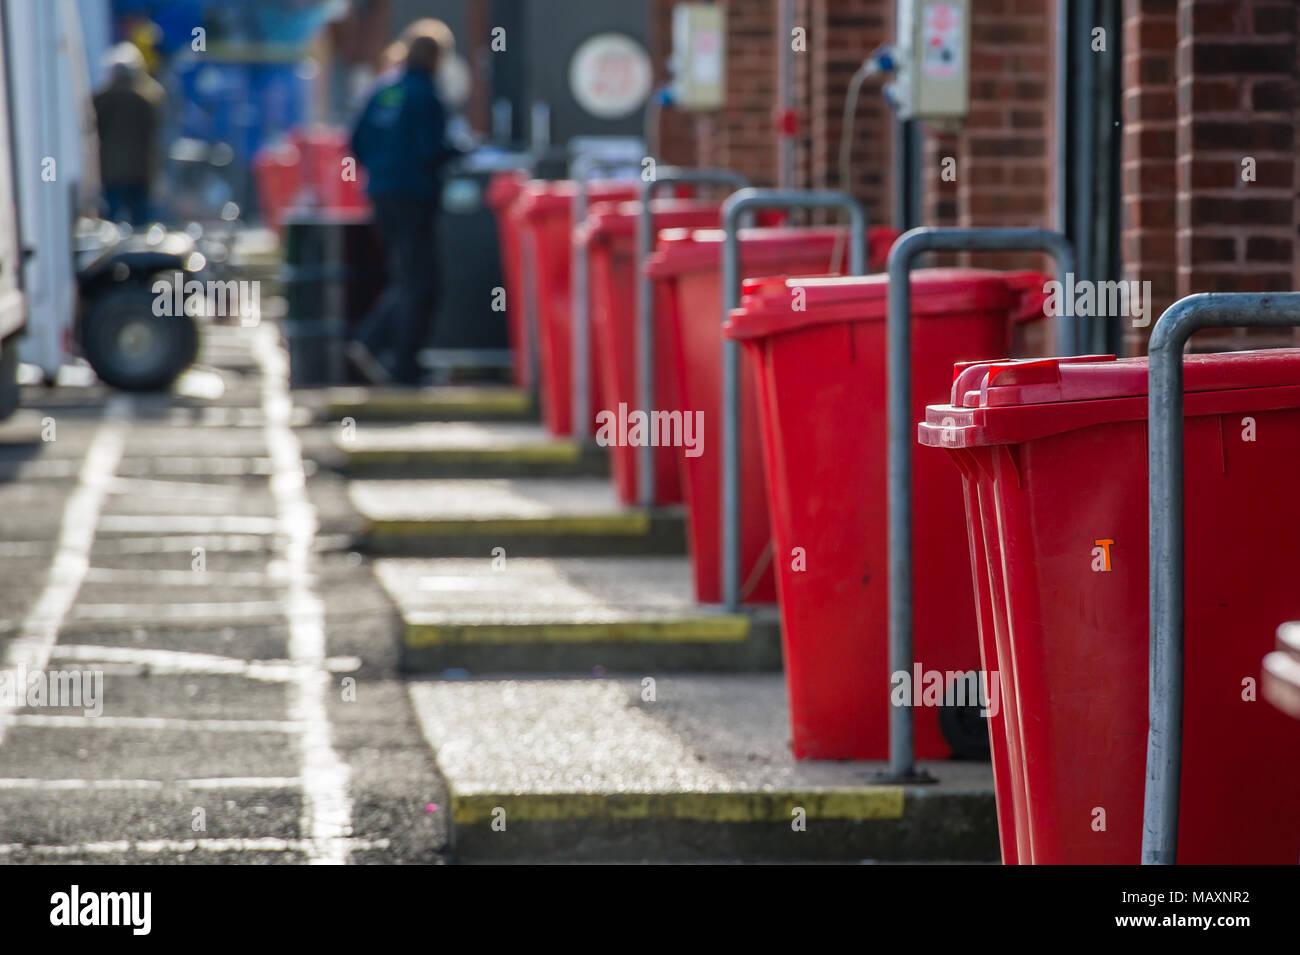 Commerciale di gestione dei rifiuti. Riciclaggio e rifiuti raccoglitori wheelie sul circuito di Brands Hatch Immagini Stock